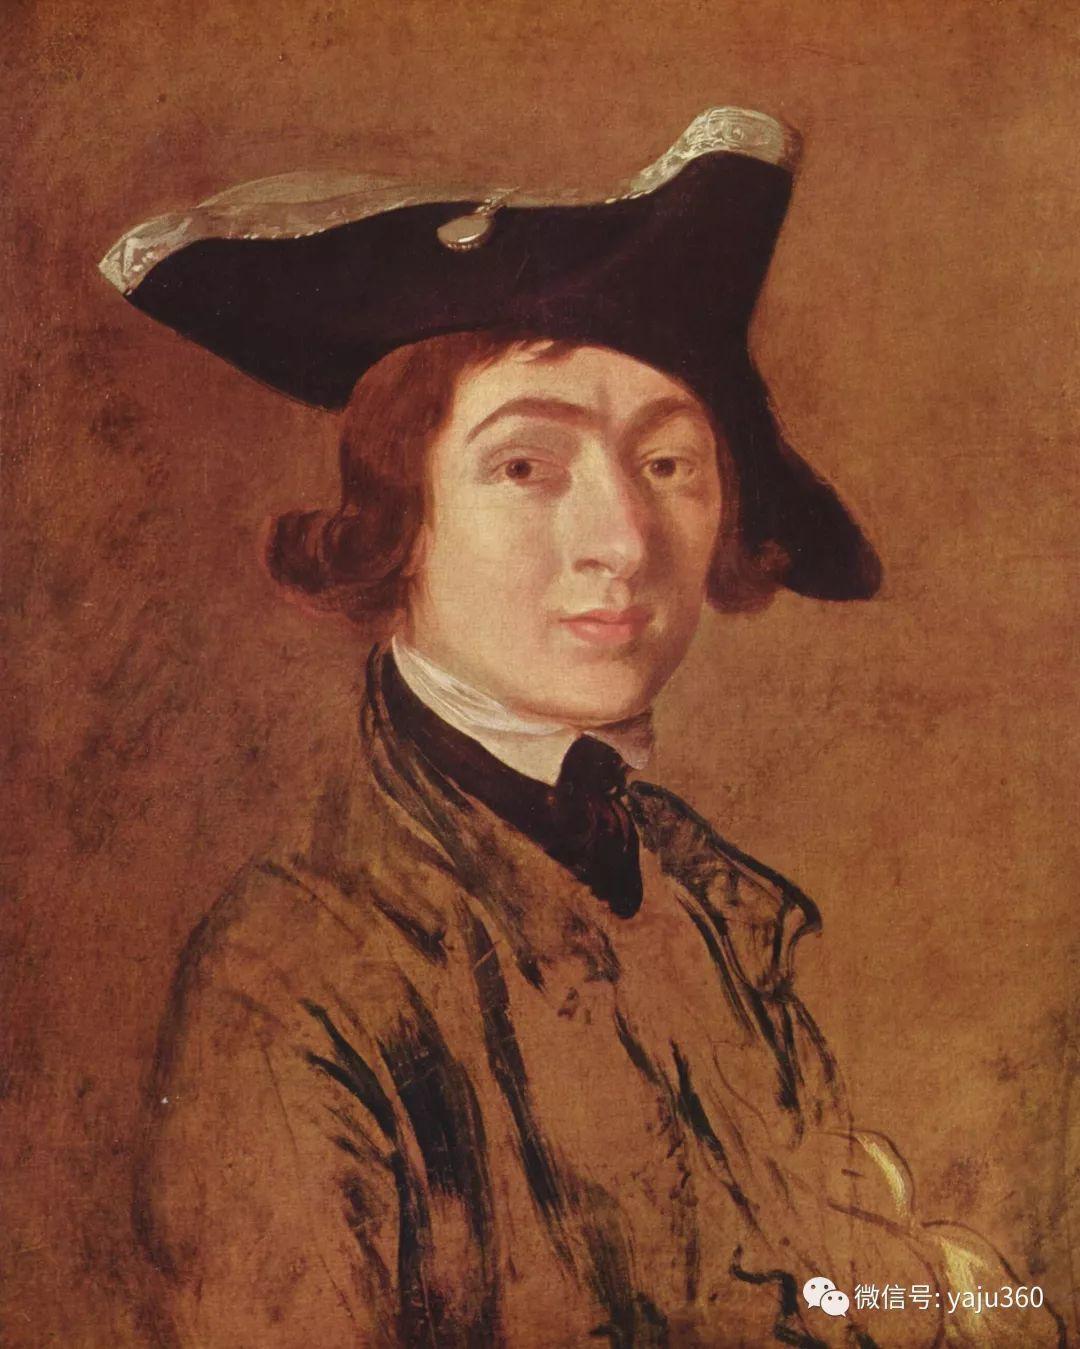 最早描绘英国乡村风景的画家 庚斯博罗插图41